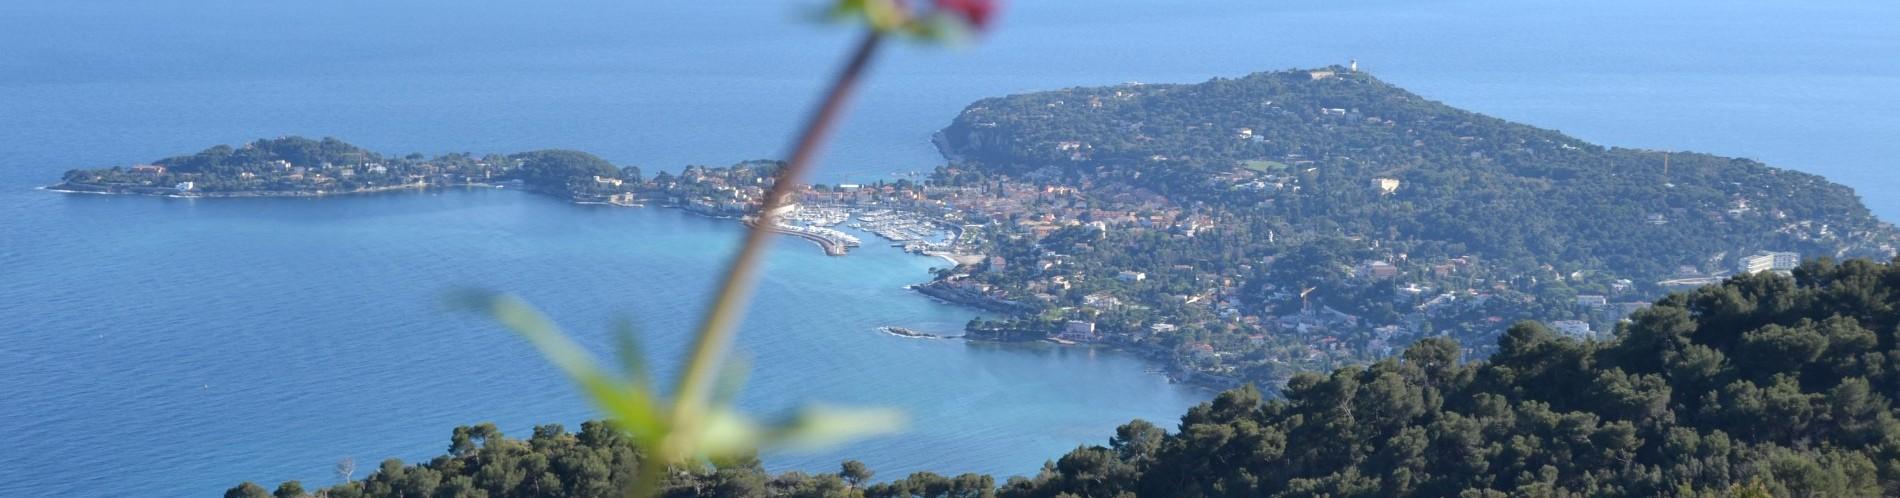 Cap Ferrat - Saint Jean Cap Ferrat